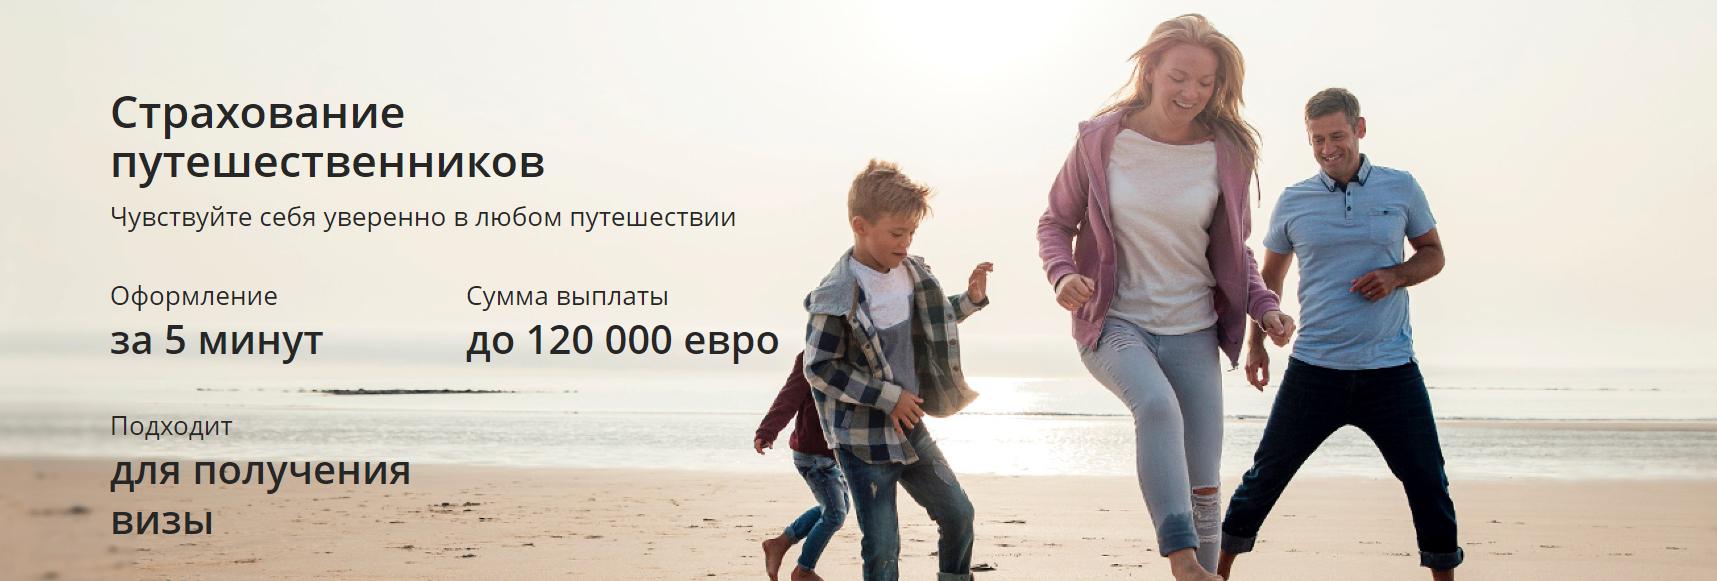 «Страхование путешественников» - компания «Сбербанк Страхование» предлагает всем путешественникам оформить эту страховку в режиме онлайн